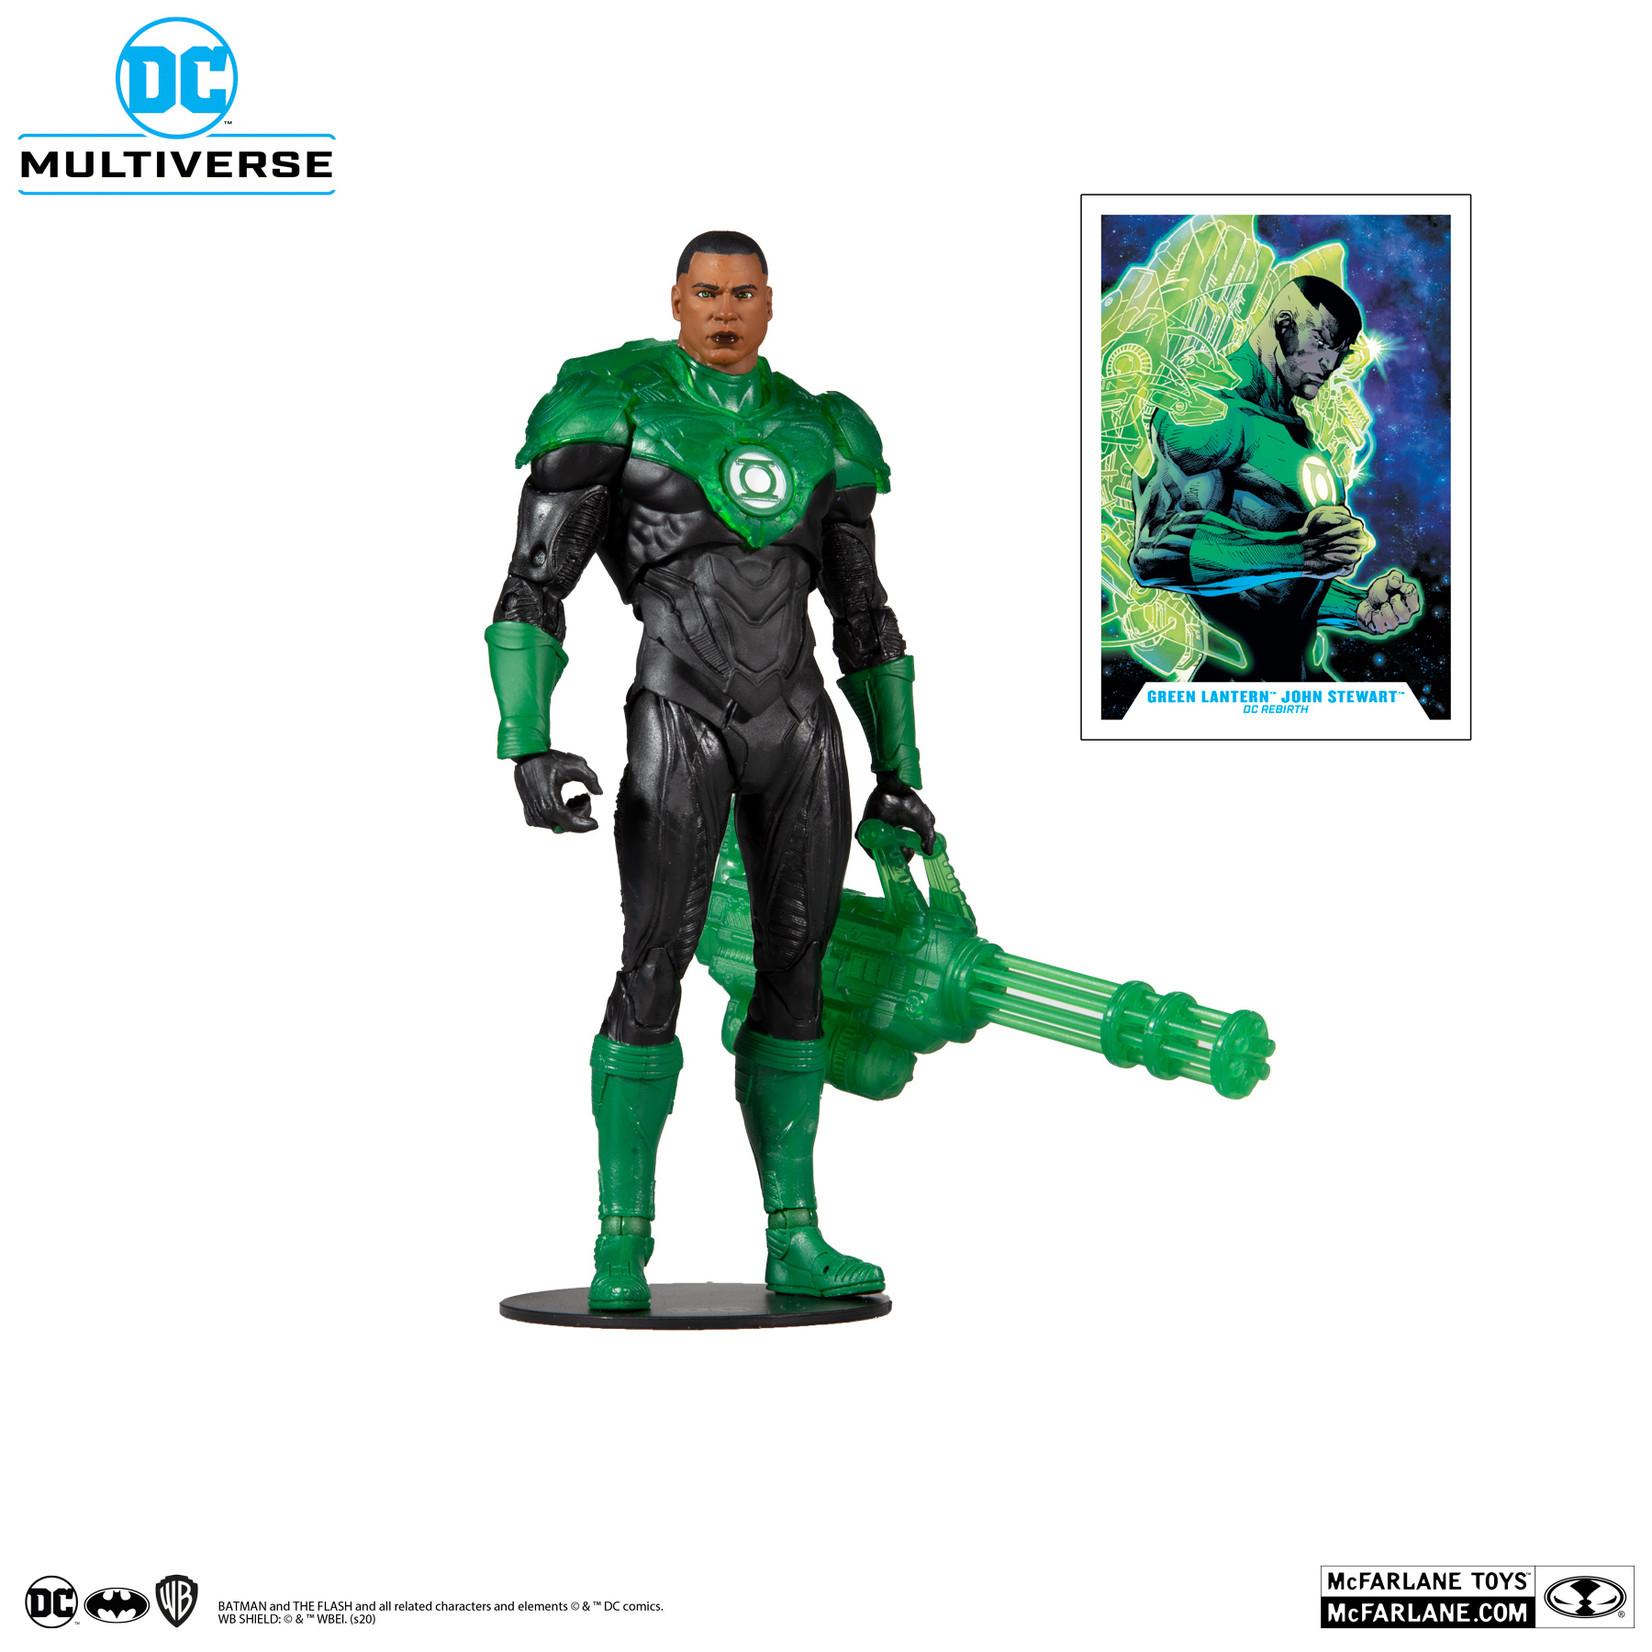 McFarlane Toys DC MULTIVERSE MODERN COMIC GREEN LANTERN (J.S.)